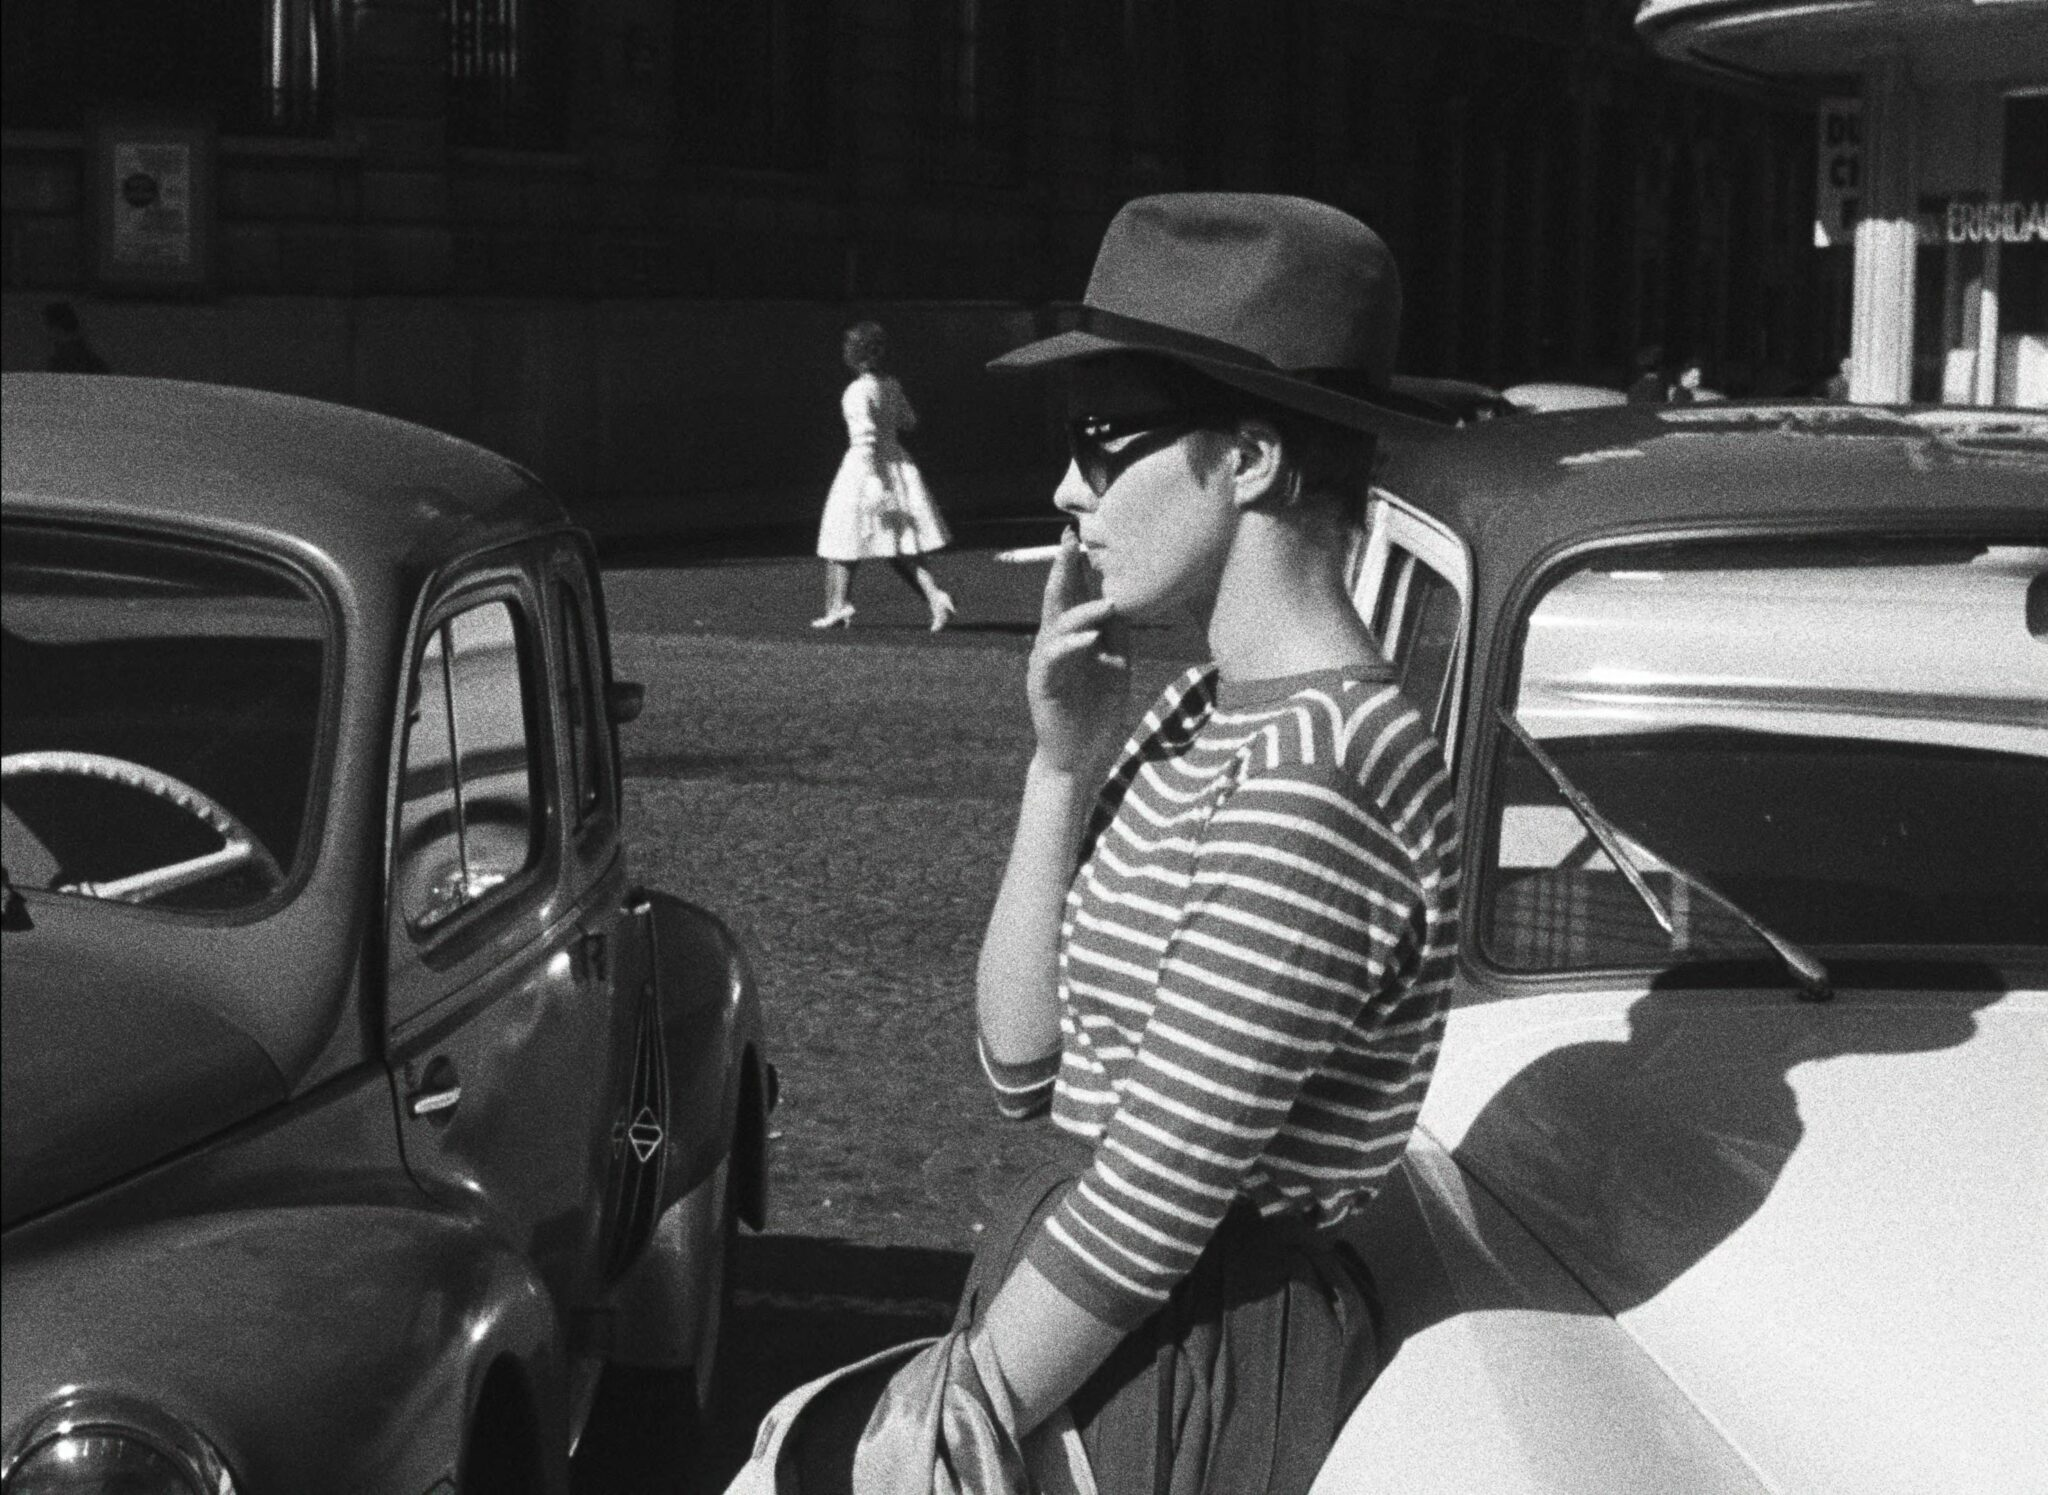 Patricia (Jean Seberg) lehnt in Außer Atem entspannt an einem Auto. Mit der rechten Hand führt sie sich die Zigarette zum Mund. Dabei trägt sie Michels (Jean-Paul Belmondo) Hut und eine Sonnenbrille.